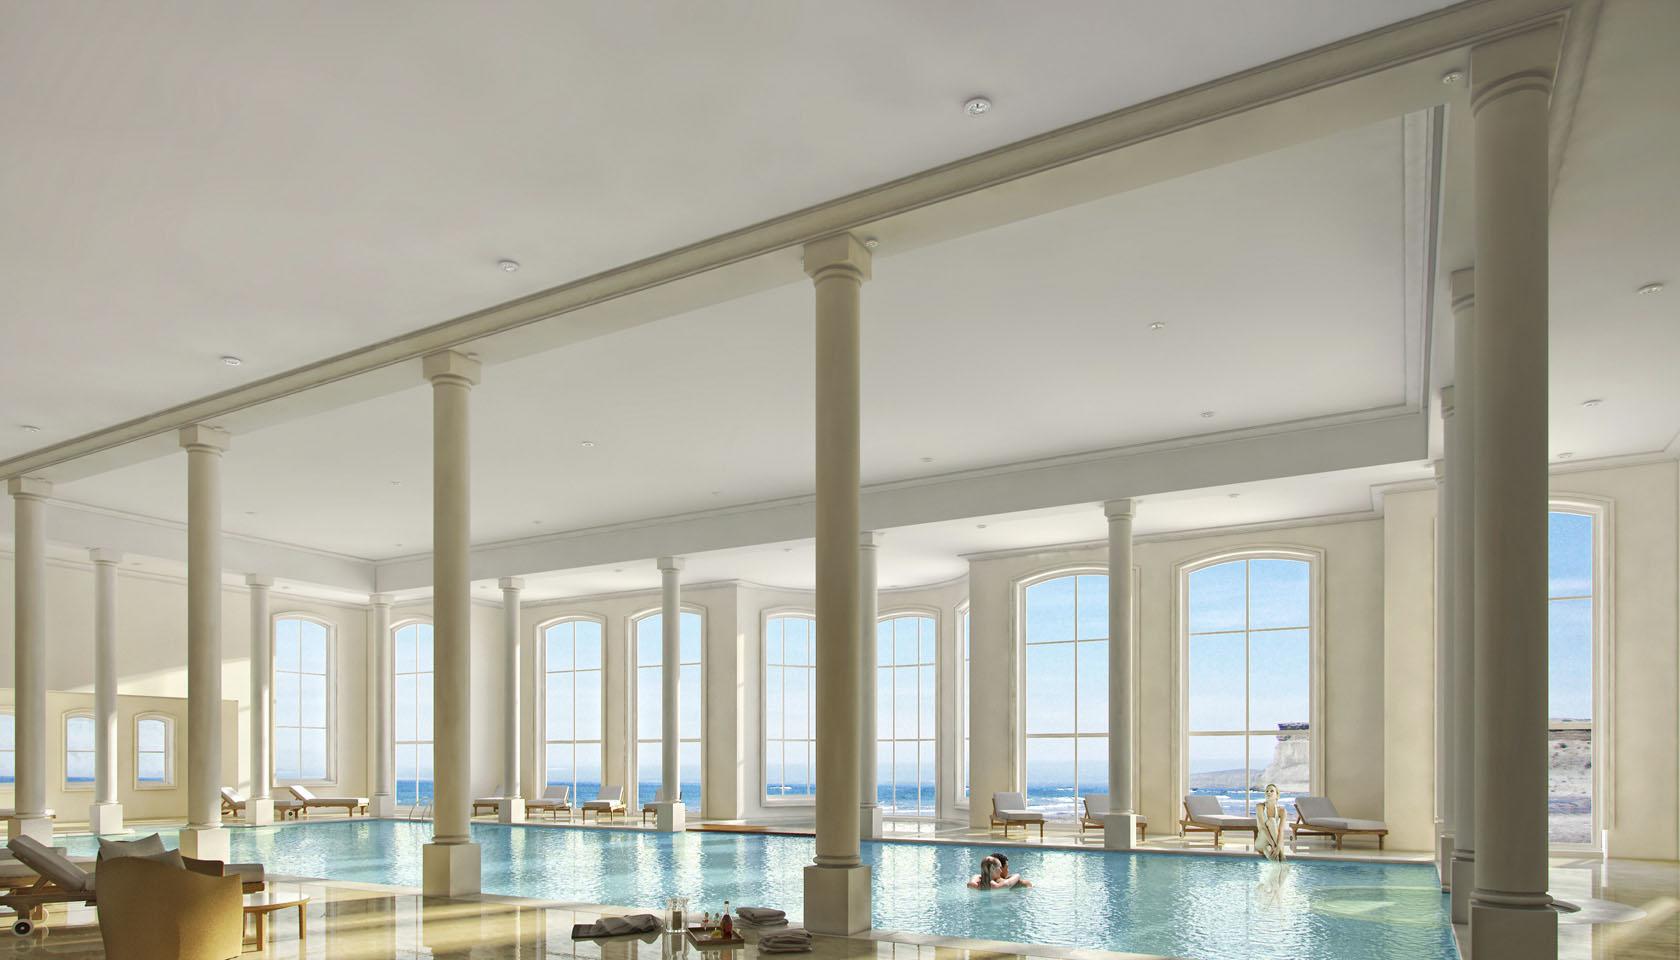 Diseño de interiores de lujo, diseño de piletas de grandes piletas interiores, interiores con diseños neoclásicos.